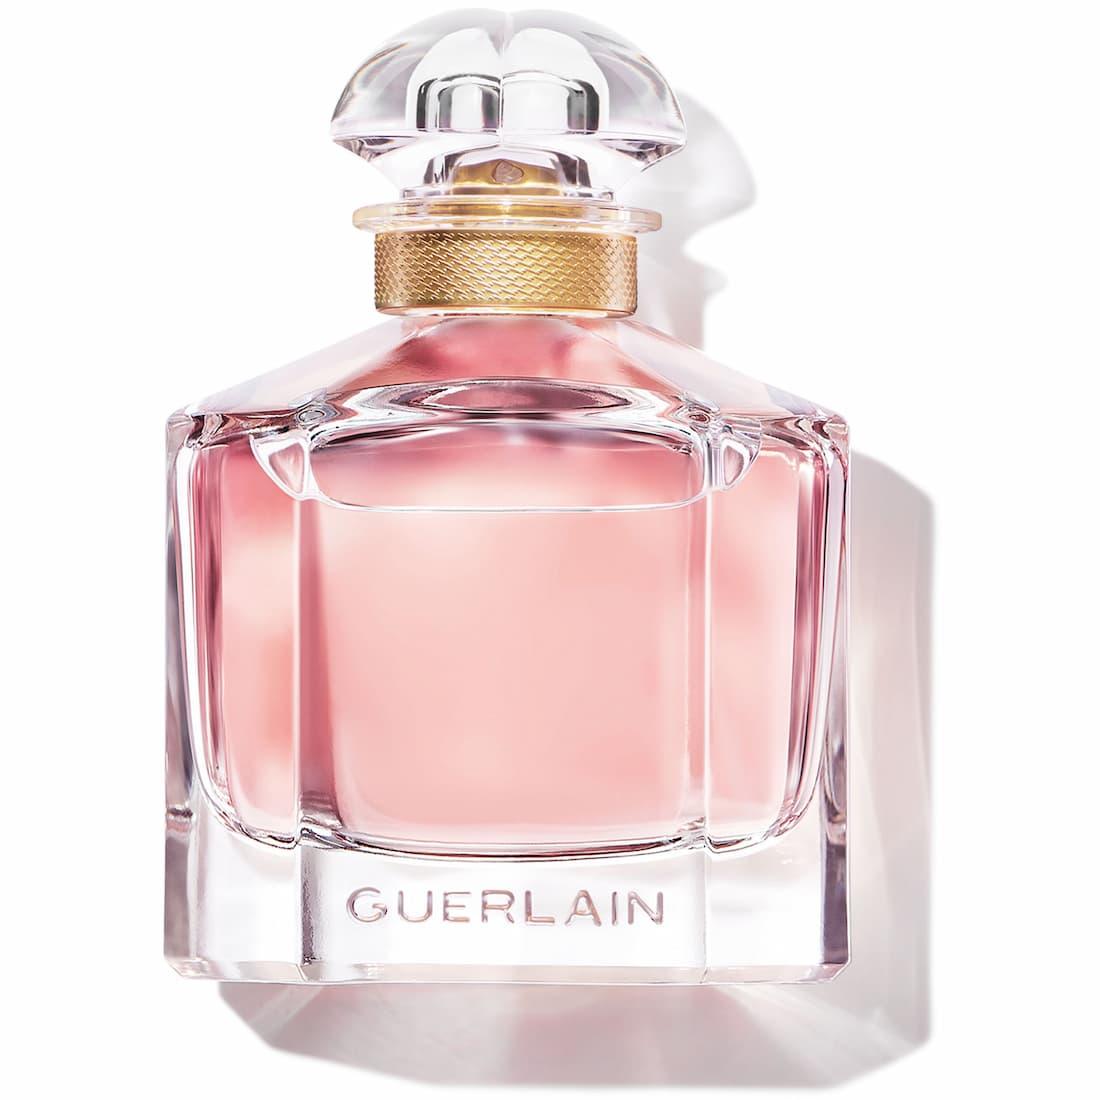 Mon Guerlain Eau de Parfum - GUERLAIN